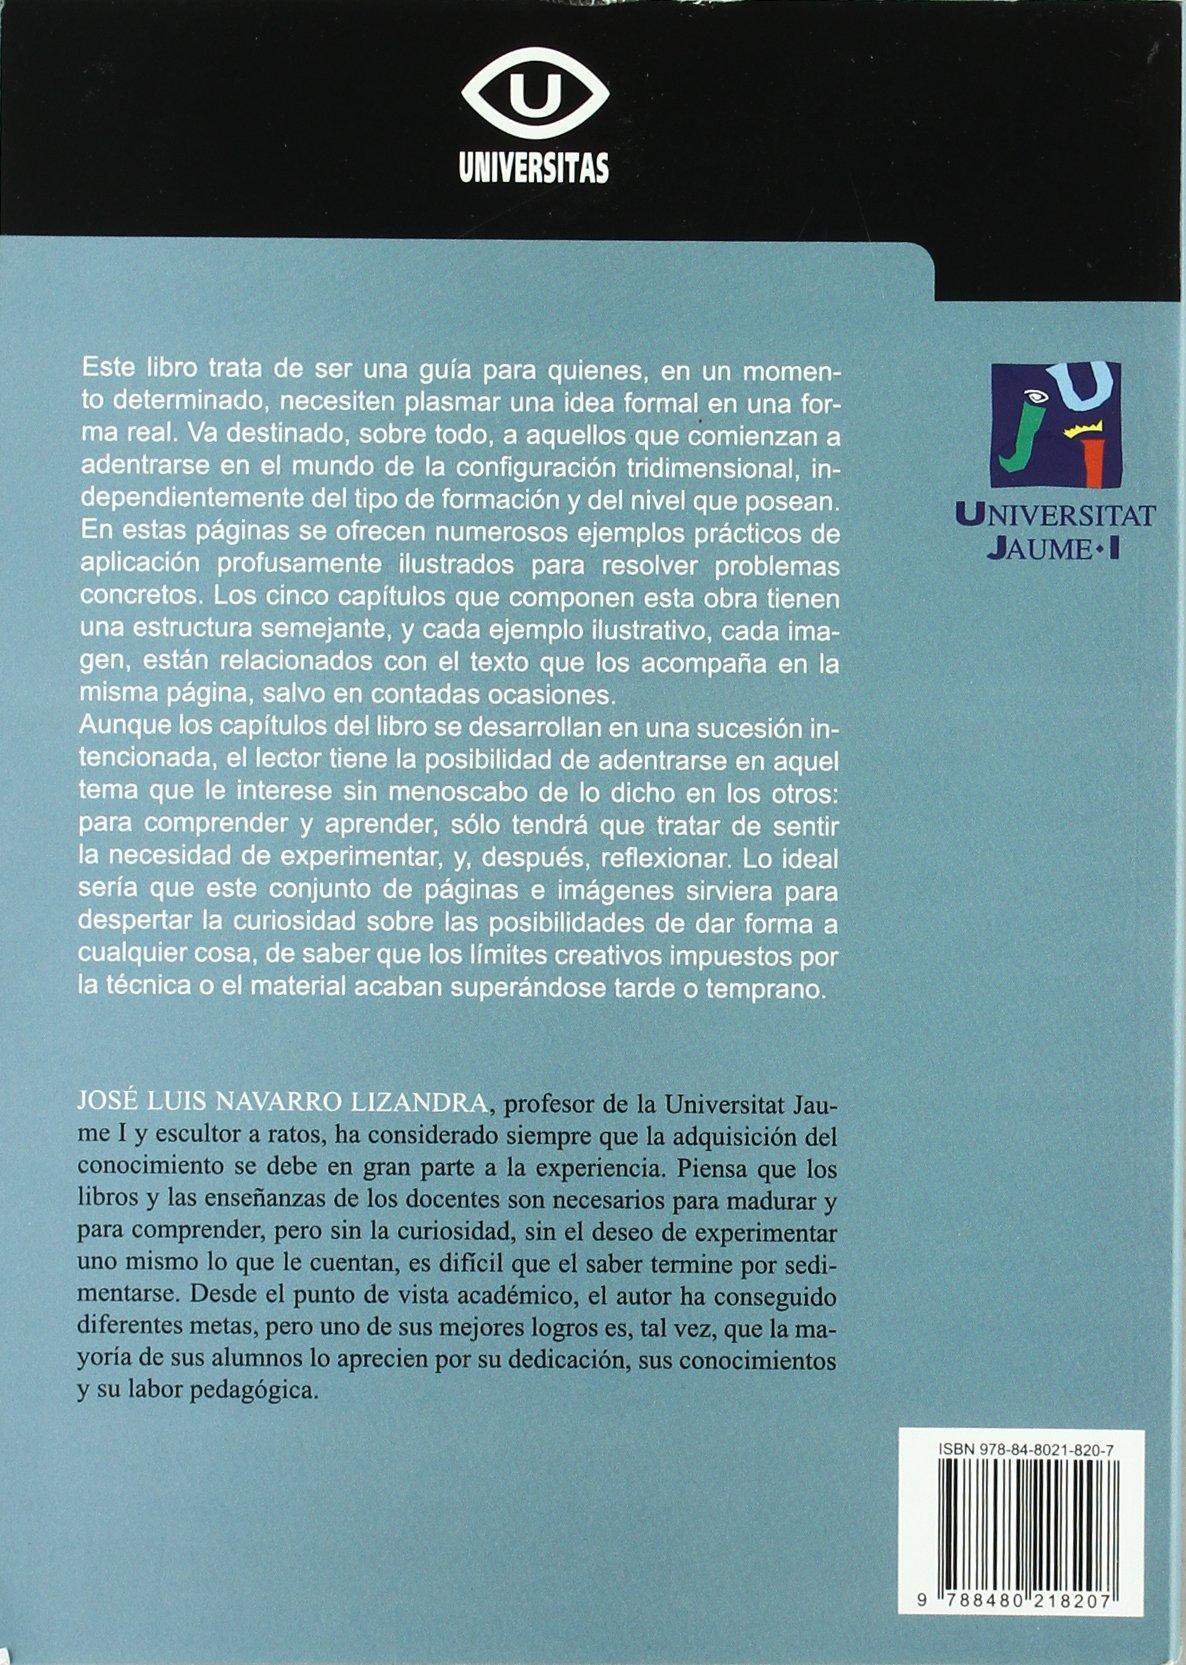 MAQUETAS, MODELOS Y MOLDES (2º)MATERIALES Y TECNICAS PARA DAR FORMA A LAS IDEAS: José Luis Navarro Lizandra: 9788480218207: Amazon.com: Books